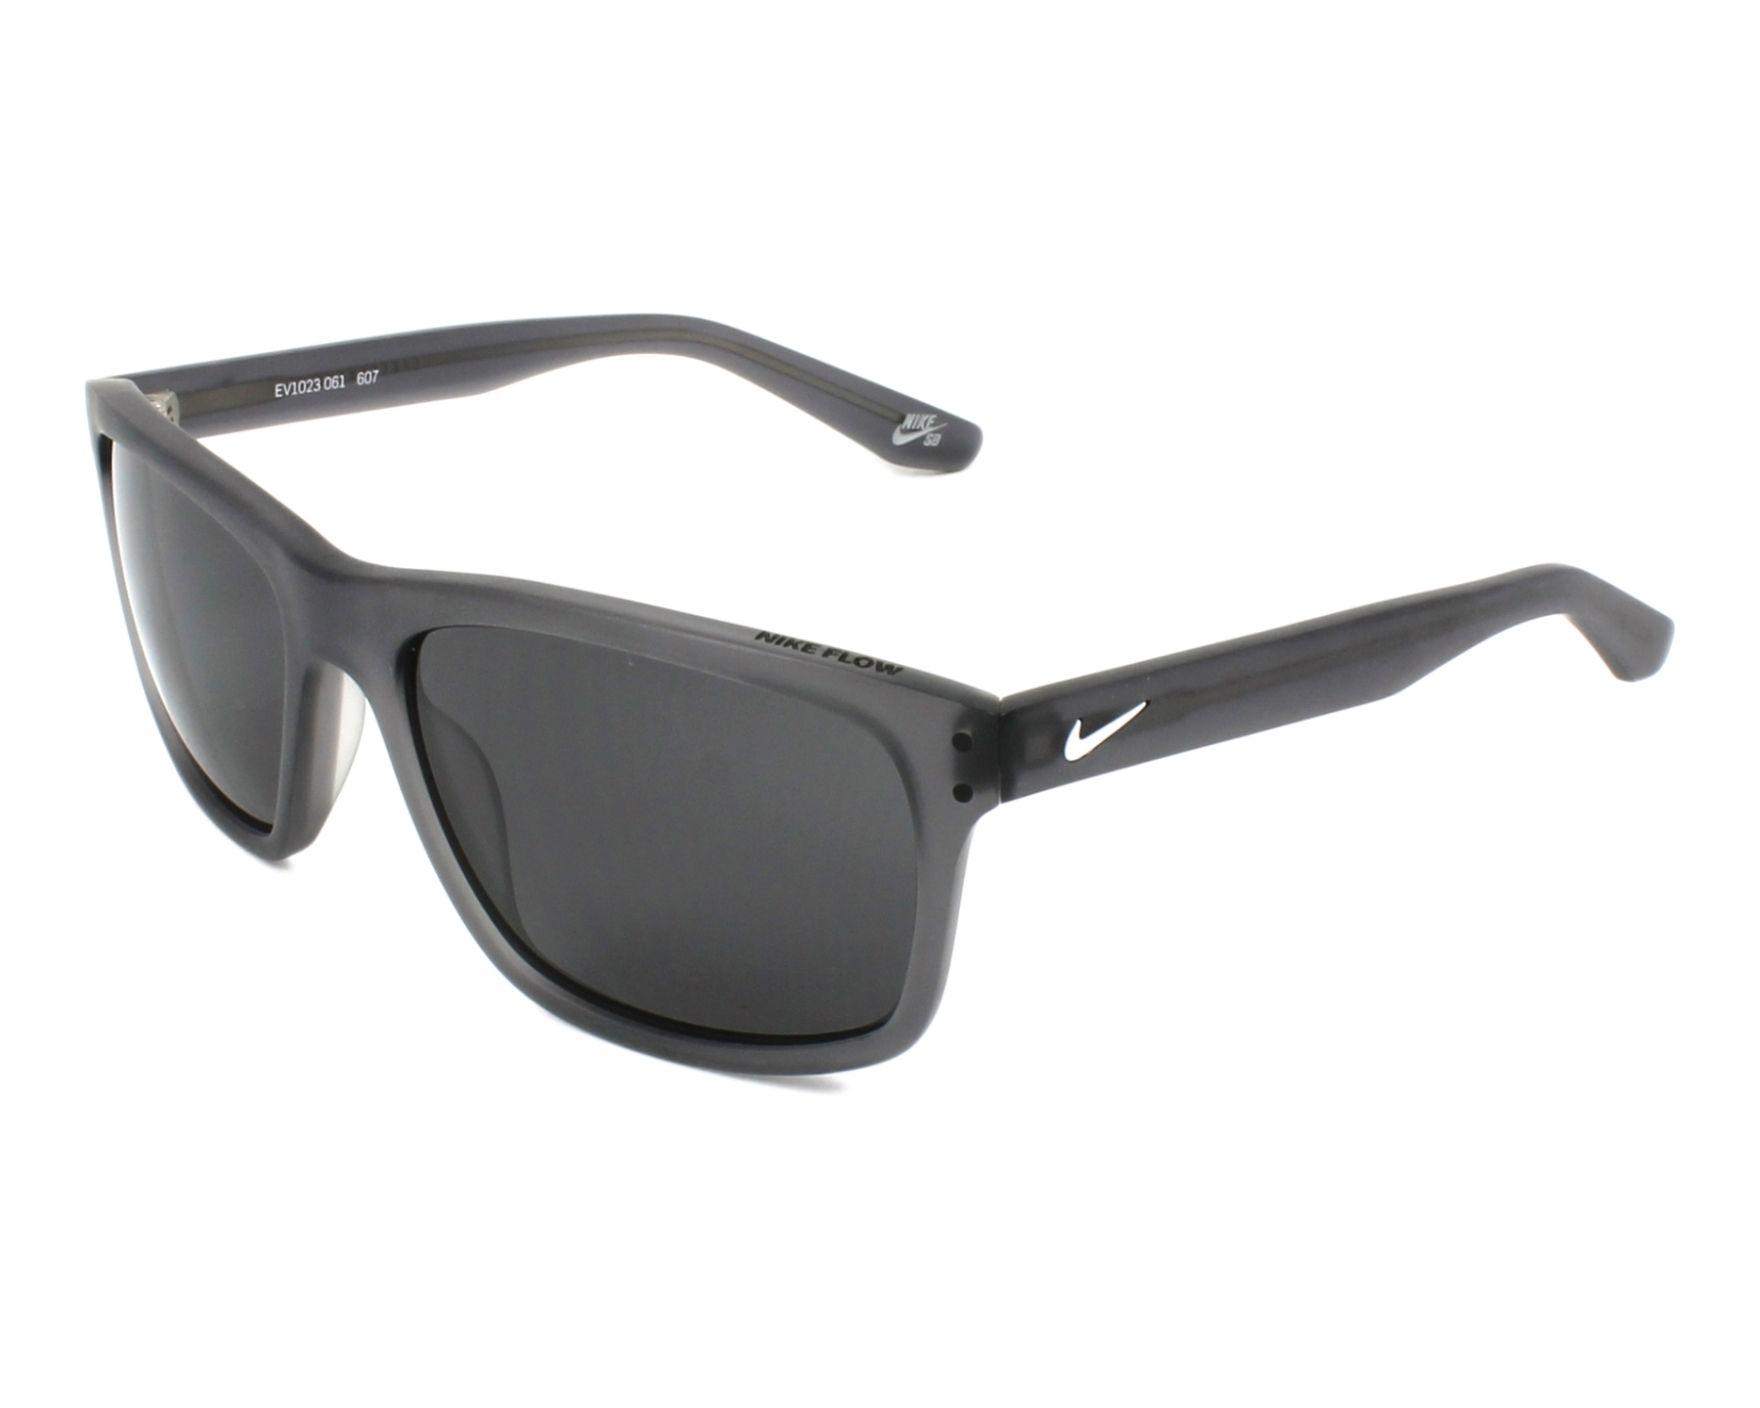 Nike Flow Ev1023 061 58 Mm/17 Mm tnljHMclle